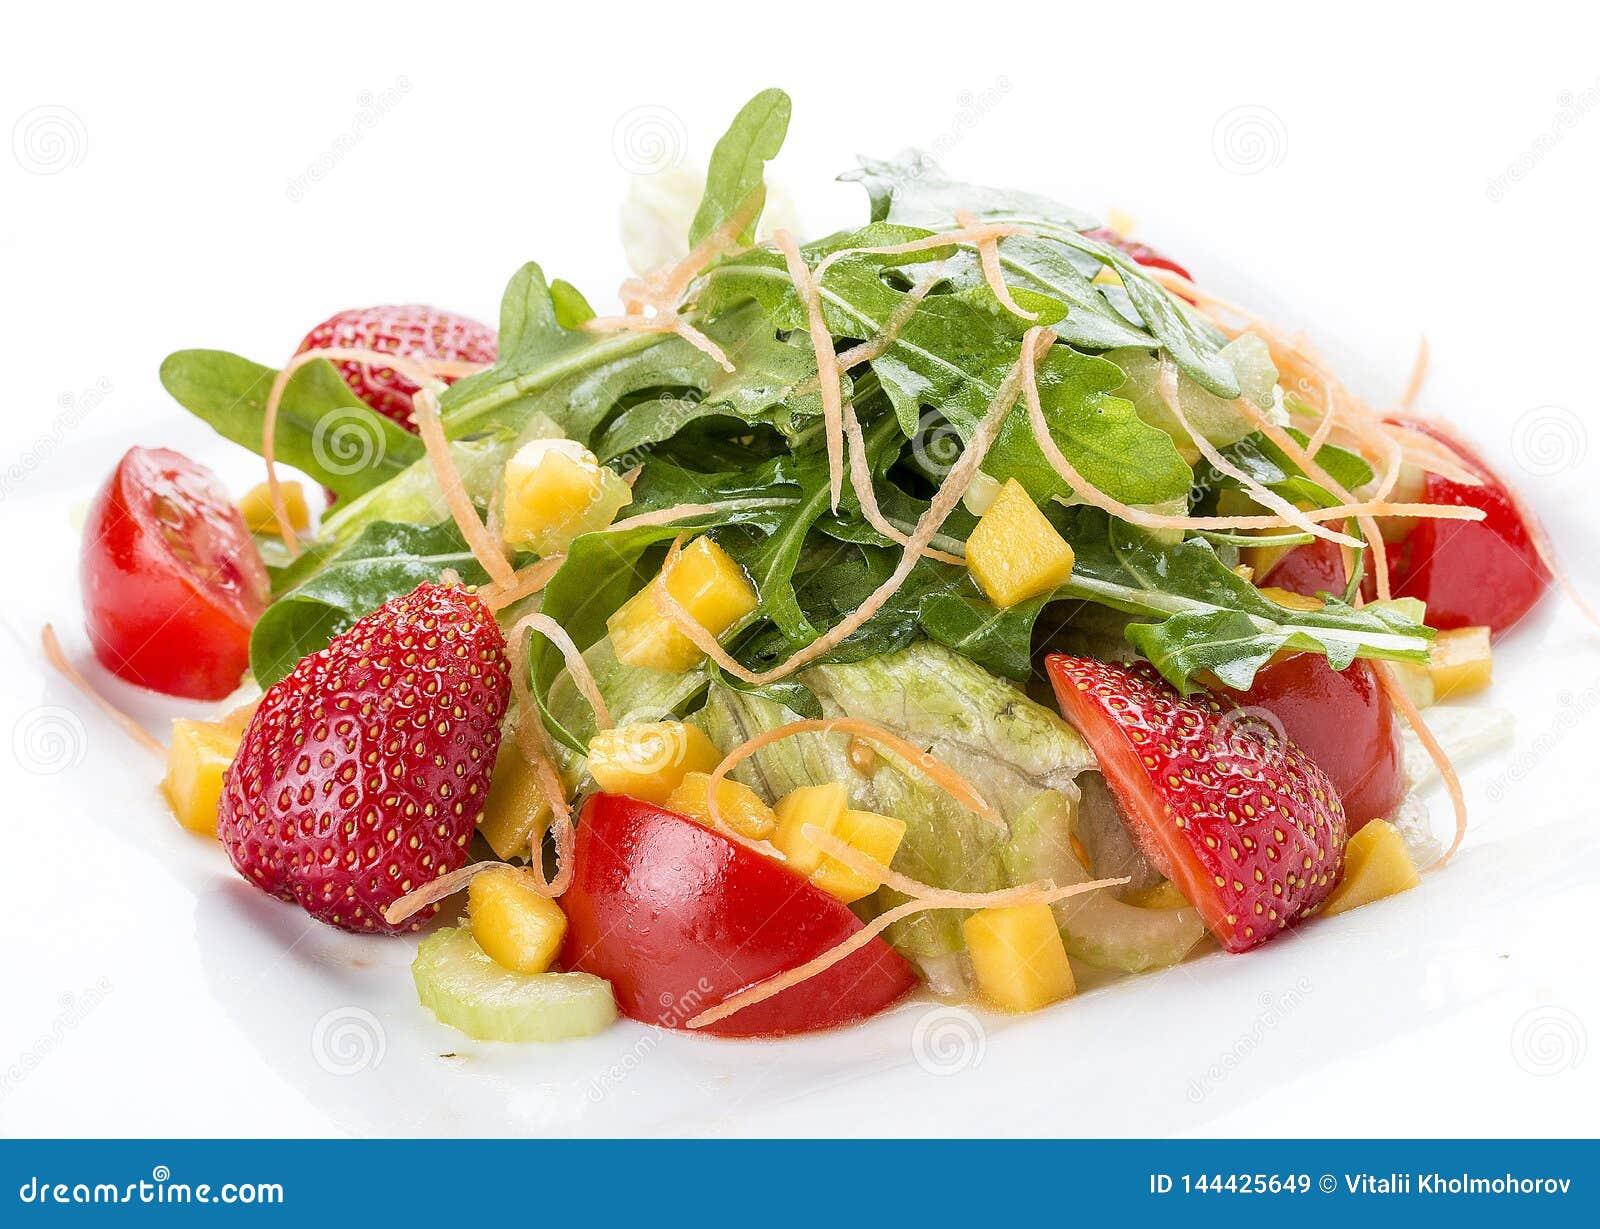 Sommersalat mit Erdbeeren und Tomaten Auf einer weißen Platte